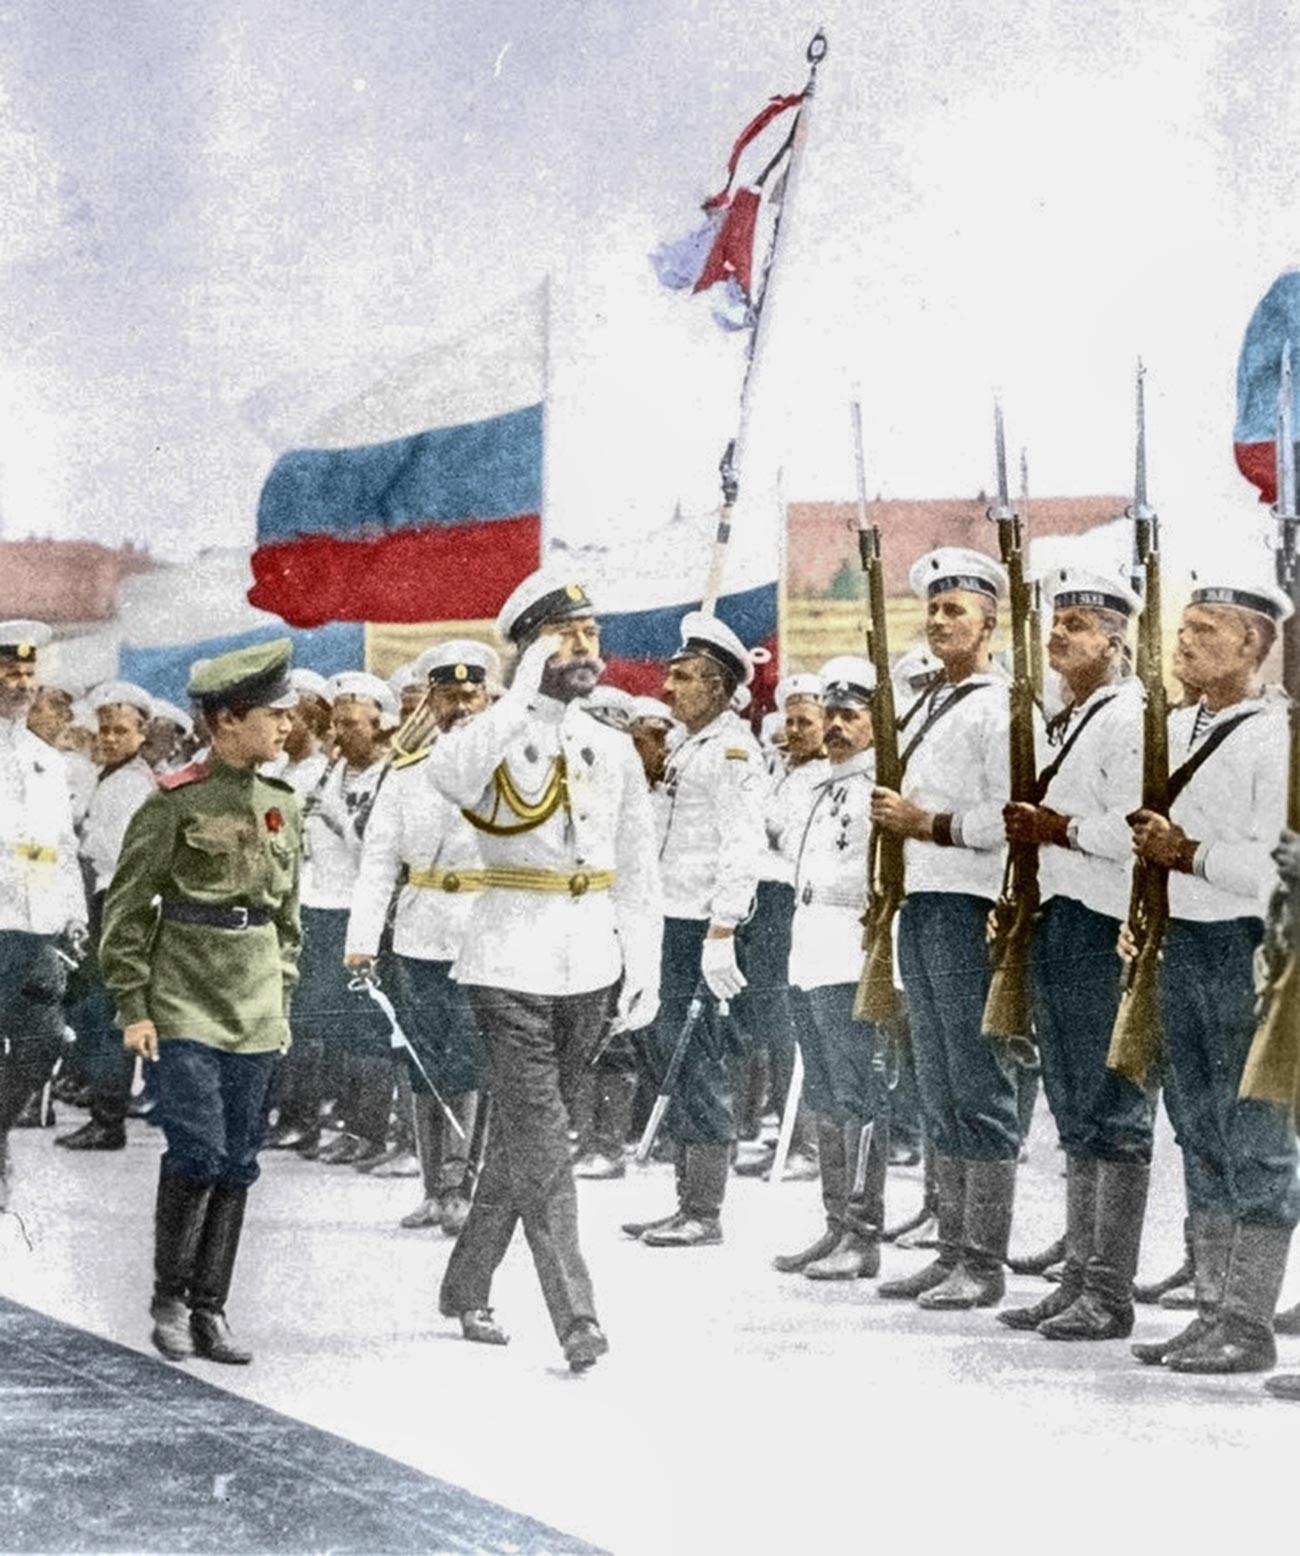 Tsar Nikolai 2º definiu branco, azul e vermelho como as cores da bandeira nacional russa em 1896